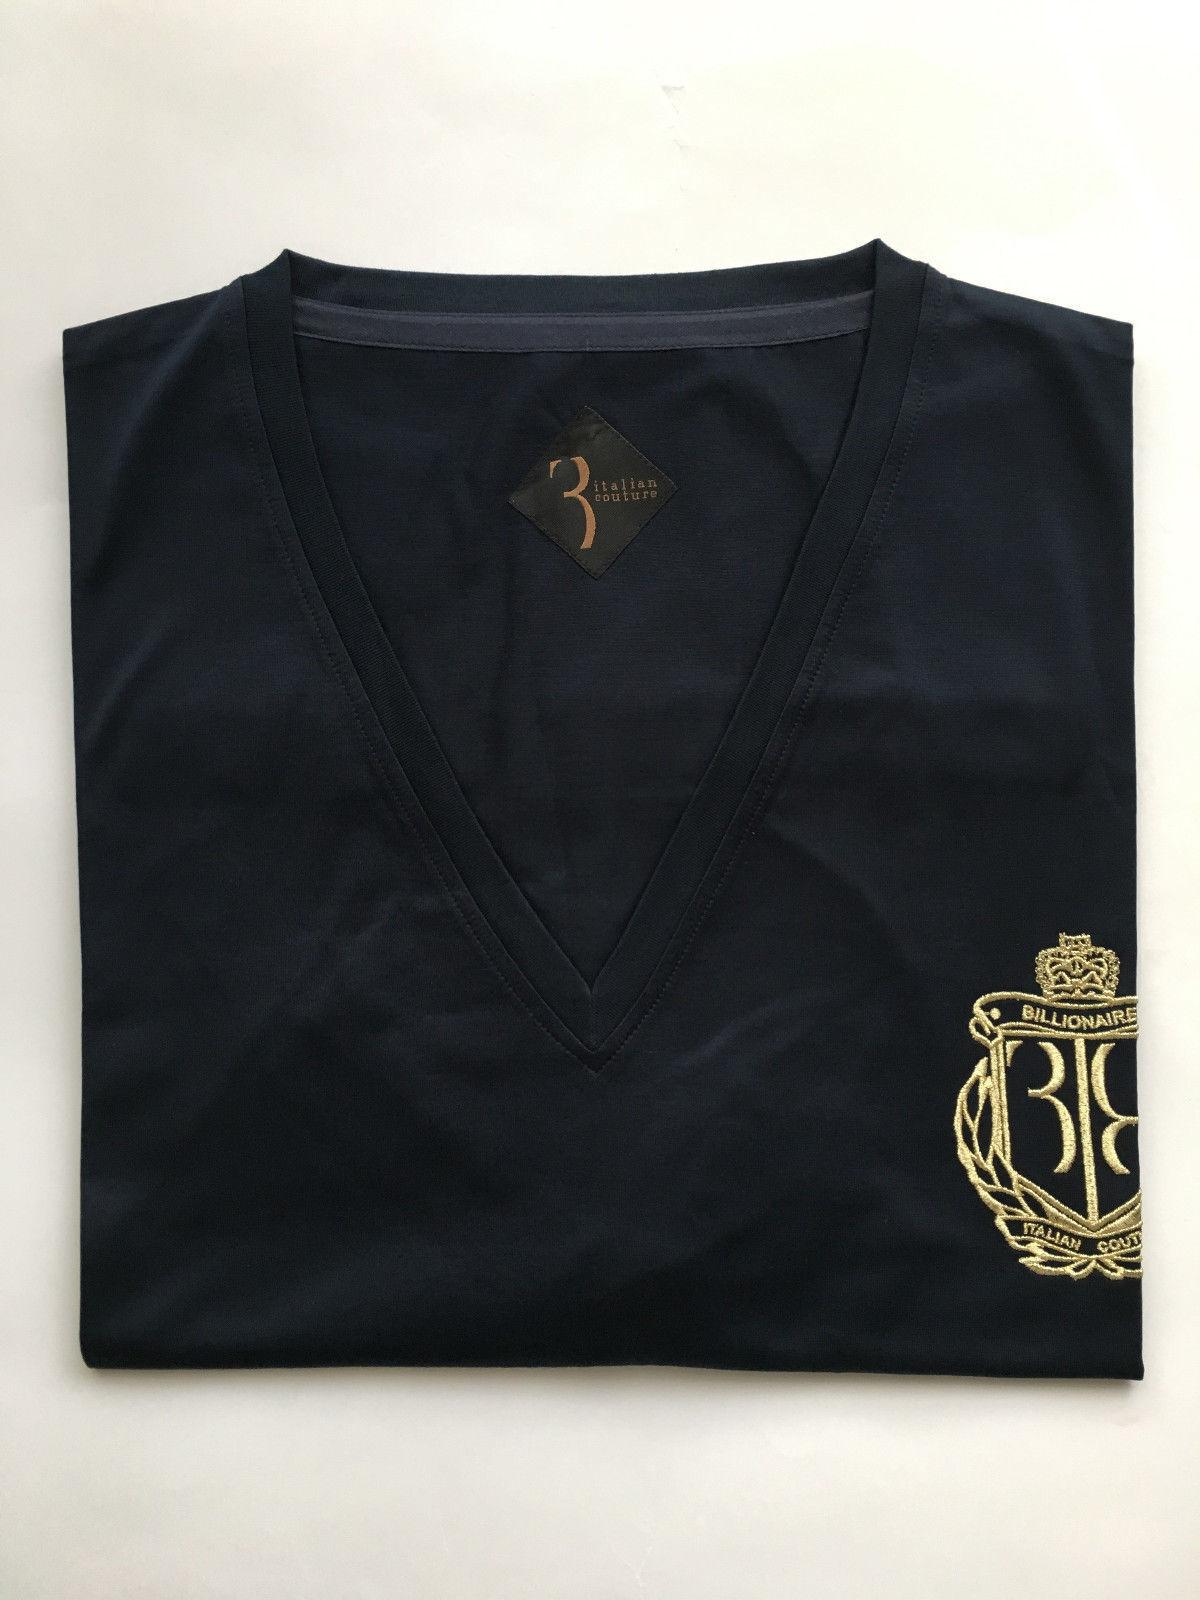 Billionaire Couture Men's T-Shirt Emblem color bluee Original 100% sizes  3XL,4XL